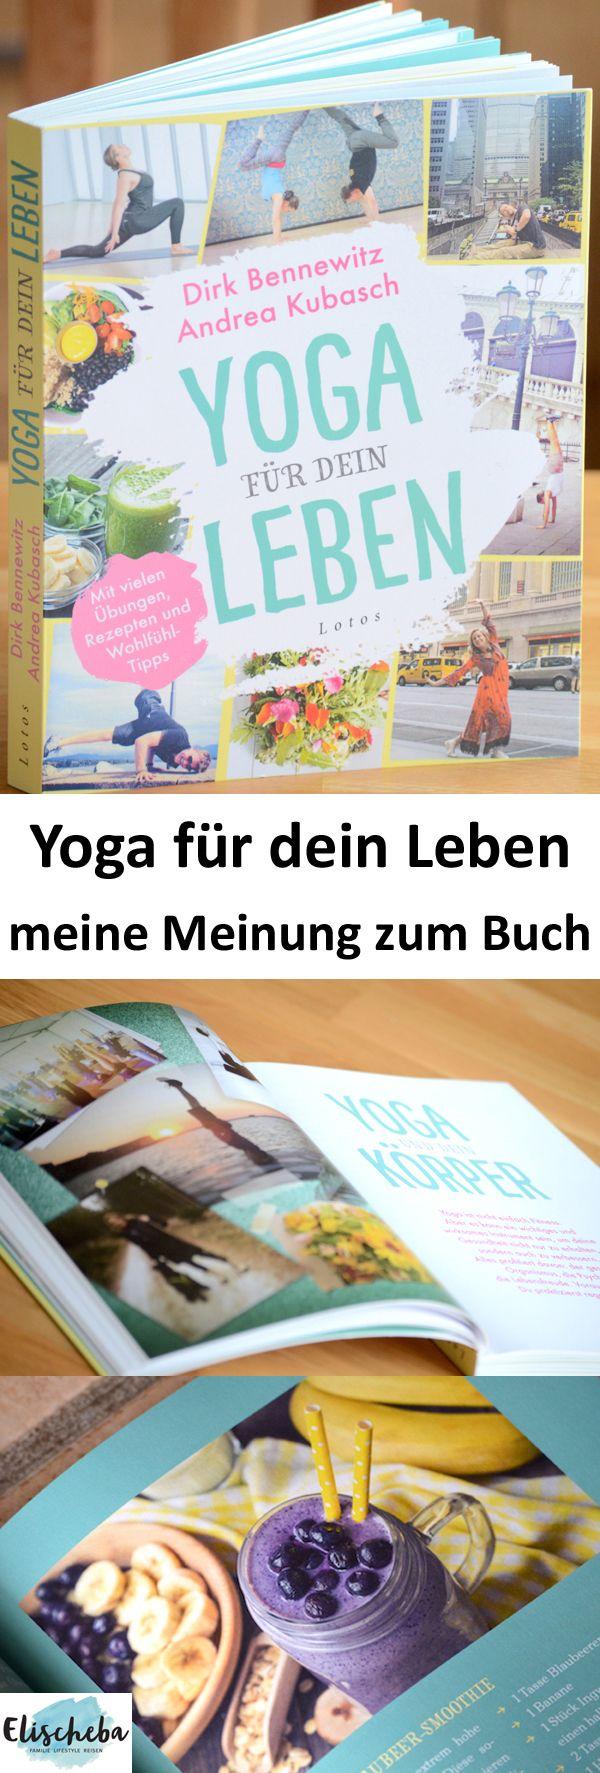 Yoga für dein Leben - meine Meinung zum Buch. Hinweis: für meinen Artikel habe ich ein kostenloses Rezensionsexemplar erhalten. #rezension #buch #yoga #buchtipp #meinung #wellness